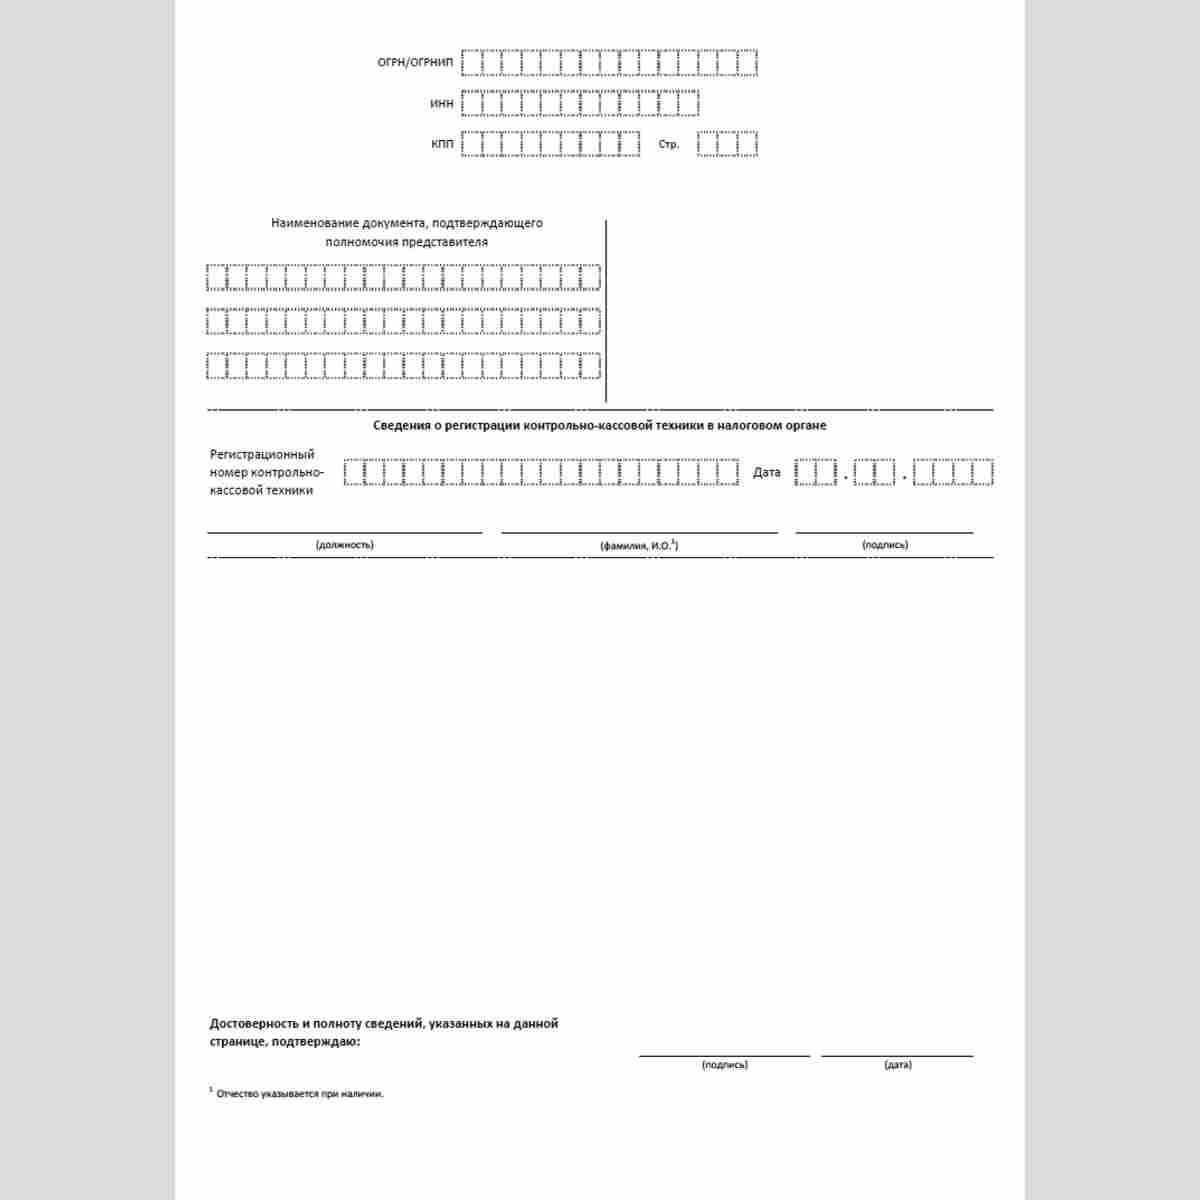 """Форма КНД 1110061 """"Заявление о регистрации (перерегистрации) контрольно-кассовой техники"""". Стр. 2"""